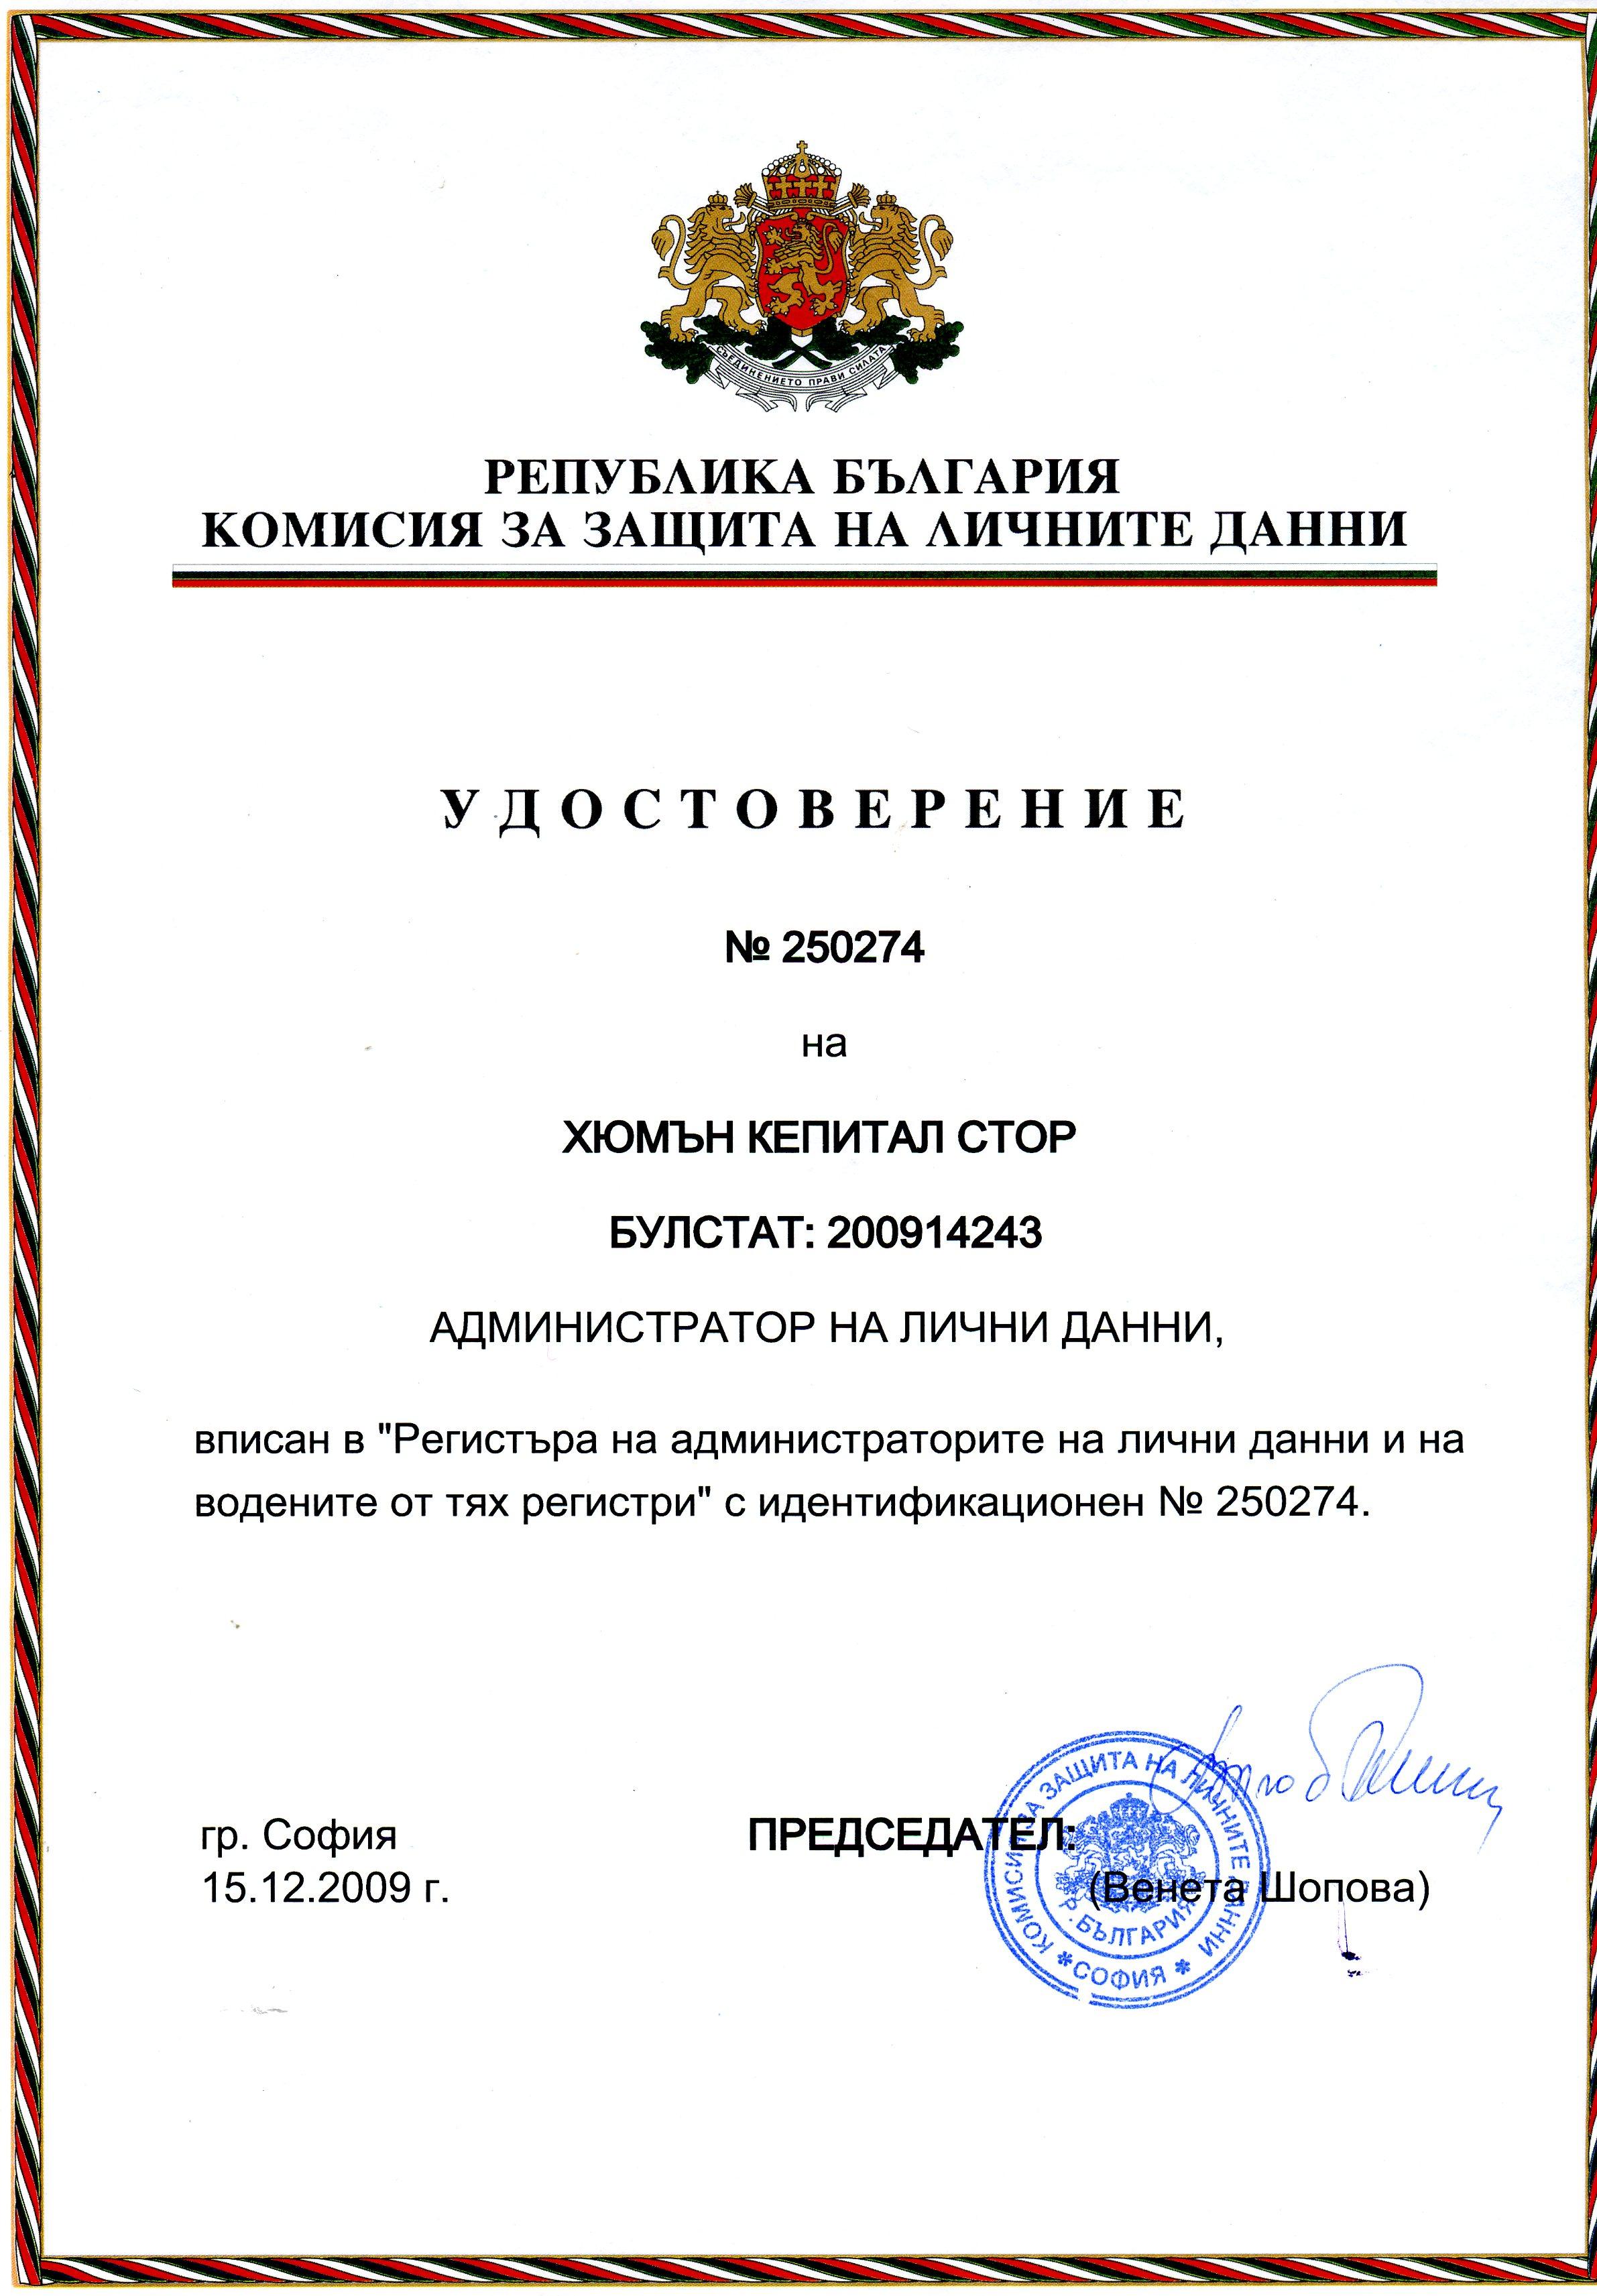 Удостоверение №  250274 за администратор на лични данни